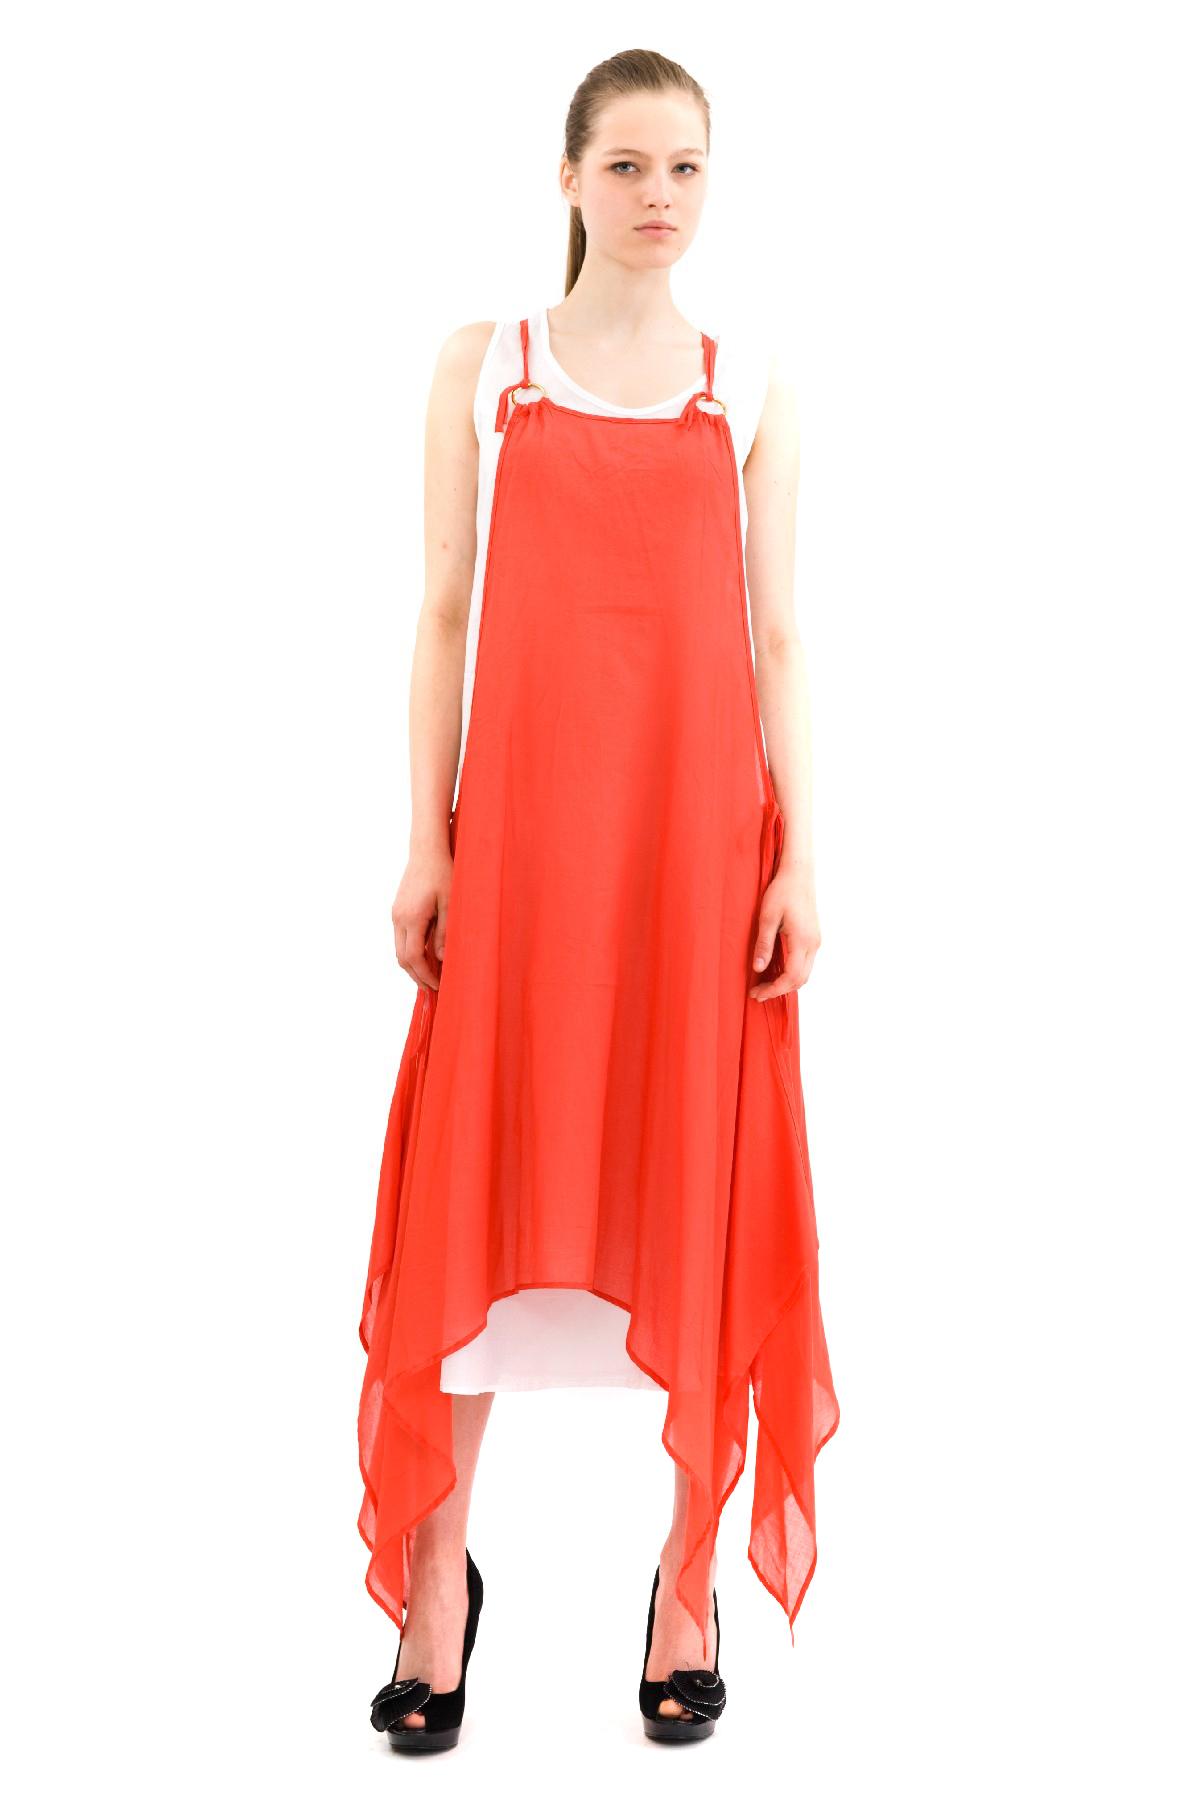 ПлатьеПлатья,  сарафаны<br>Эффектное платье из хлопкового материала. Модель станет замечательным дополнением к Вашему гардеробу. Покорите окружающих с первого взгляда на Вас!<br><br>Цвет: коралловый<br>Состав: 100% хлопок<br>Размер: 40,42<br>Страна дизайна: Россия<br>Страна производства: Россия